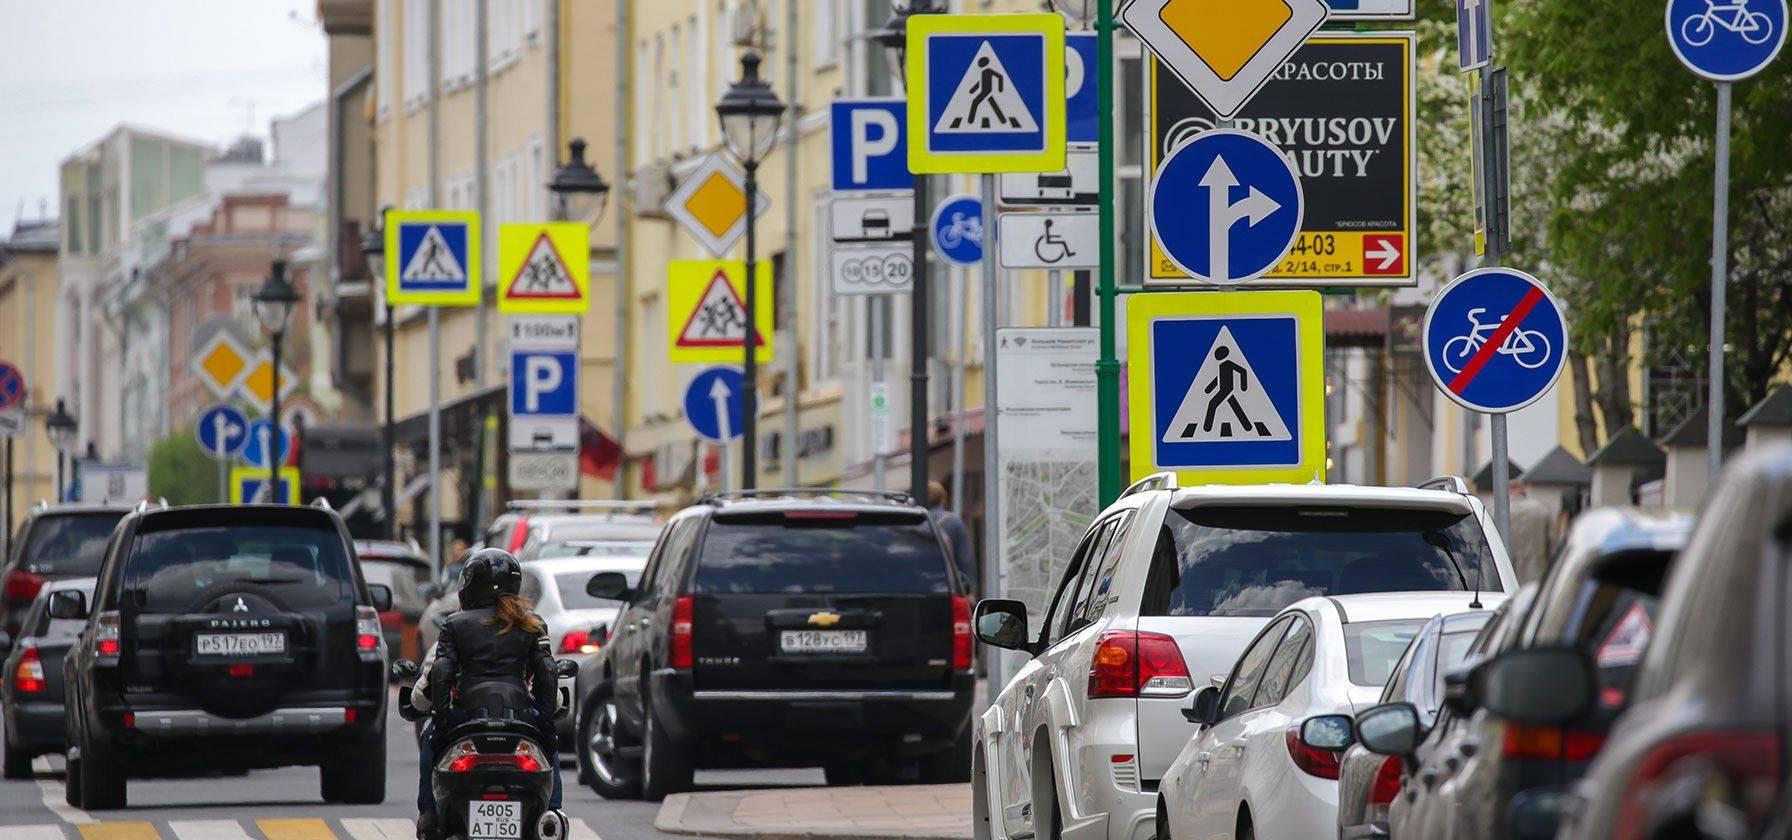 Автомобильные дороги в чехии